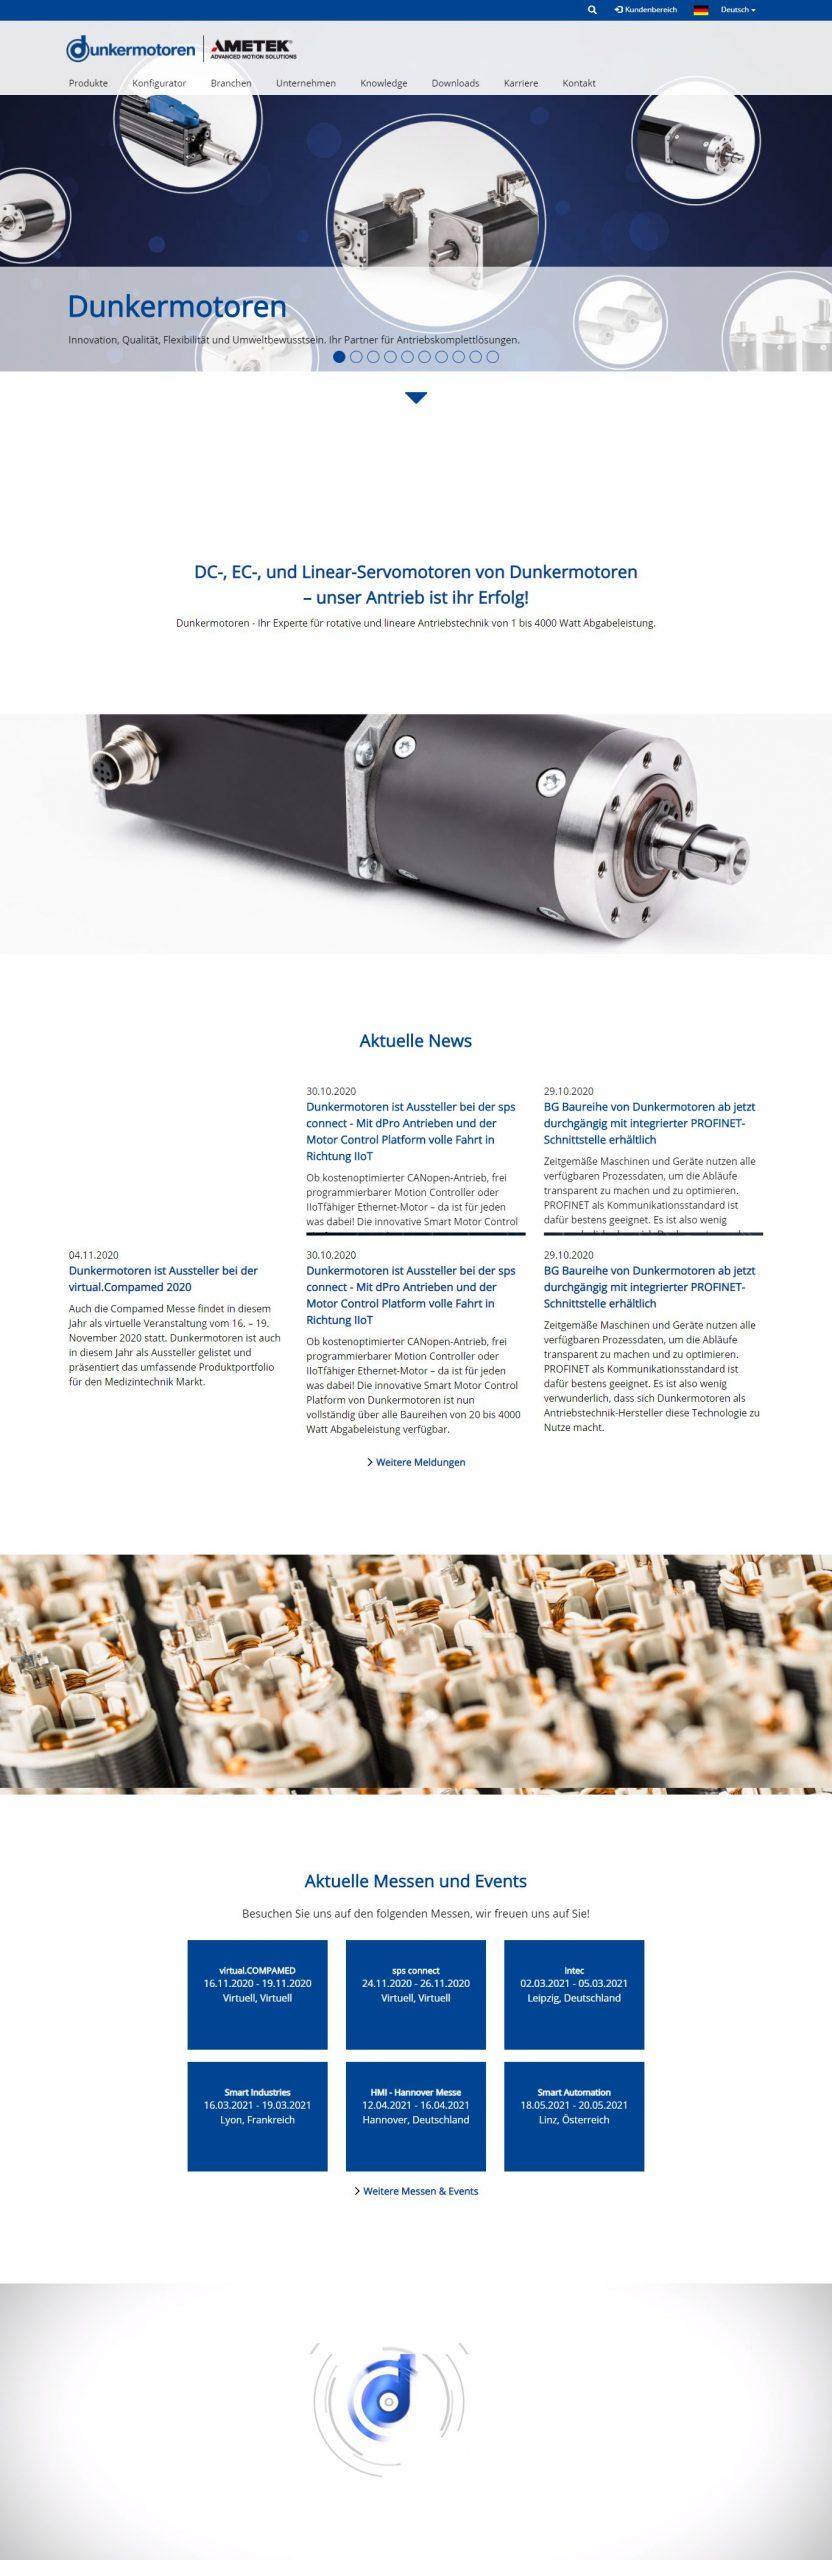 Neue Website von Dunkermotoren